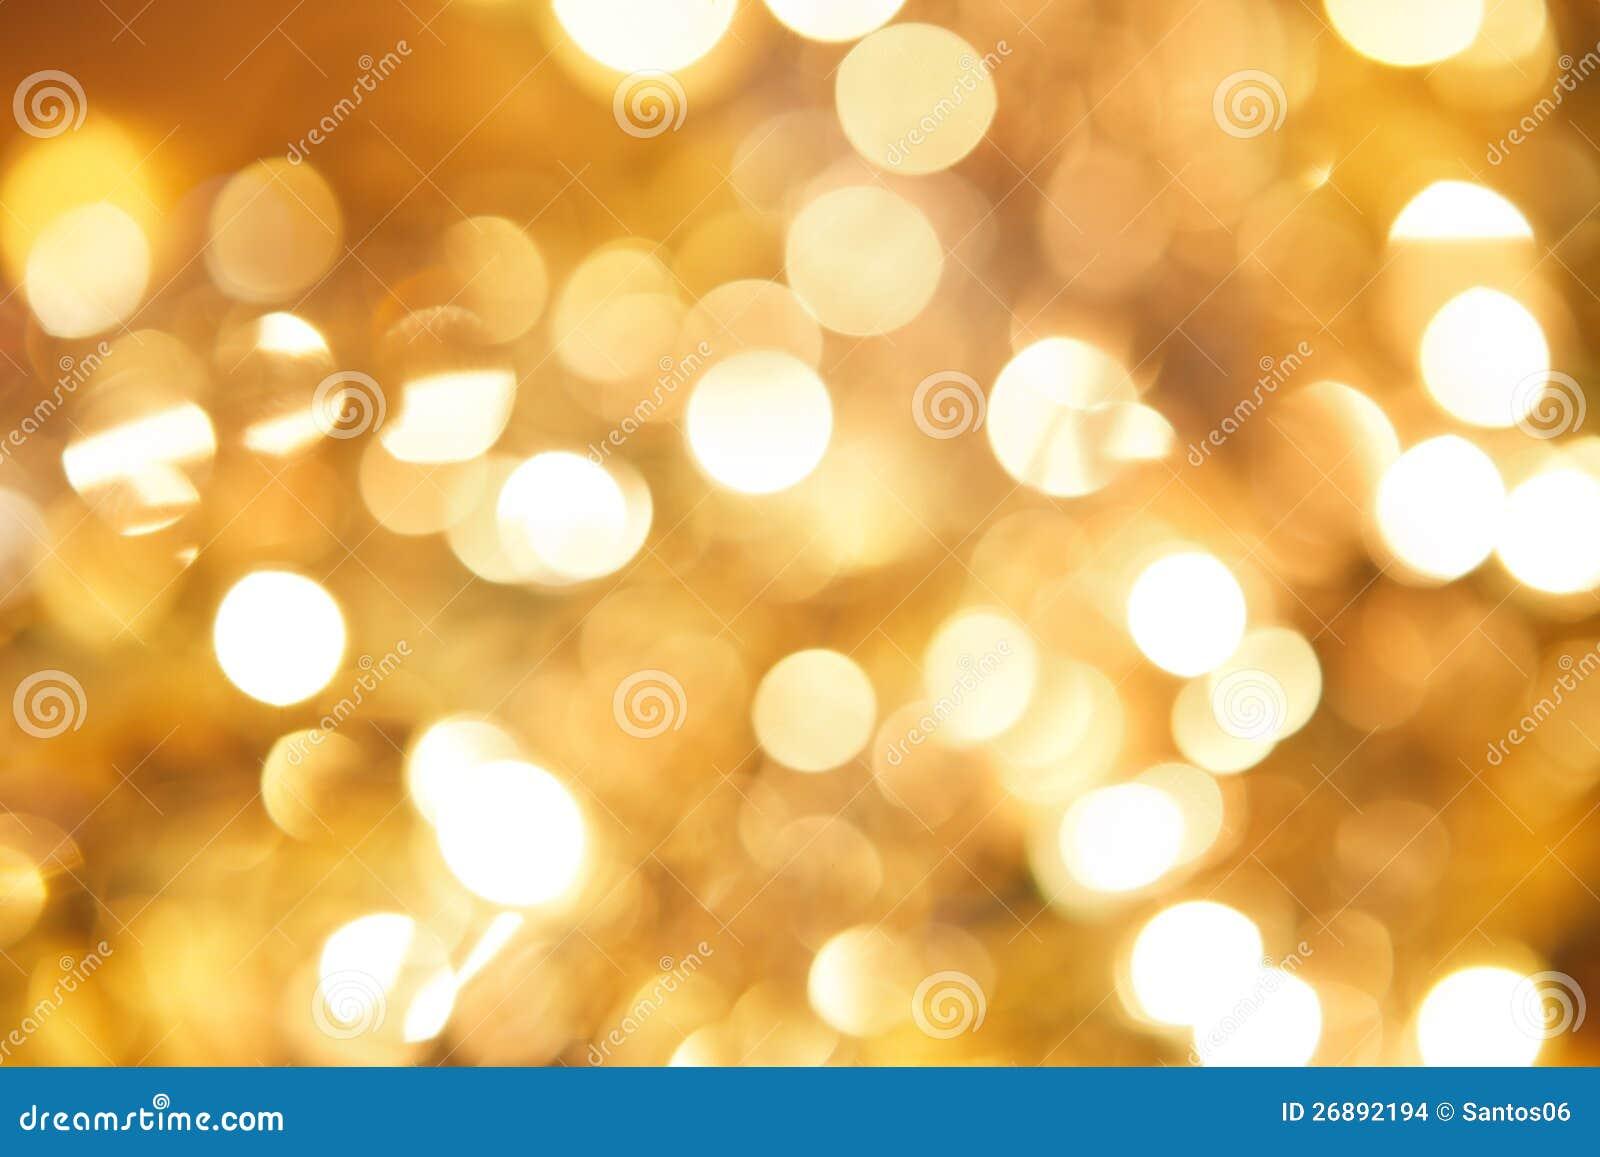 Gold funkelte hintergrund weihnachten stockfoto bild for Foto hintergrund weihnachten